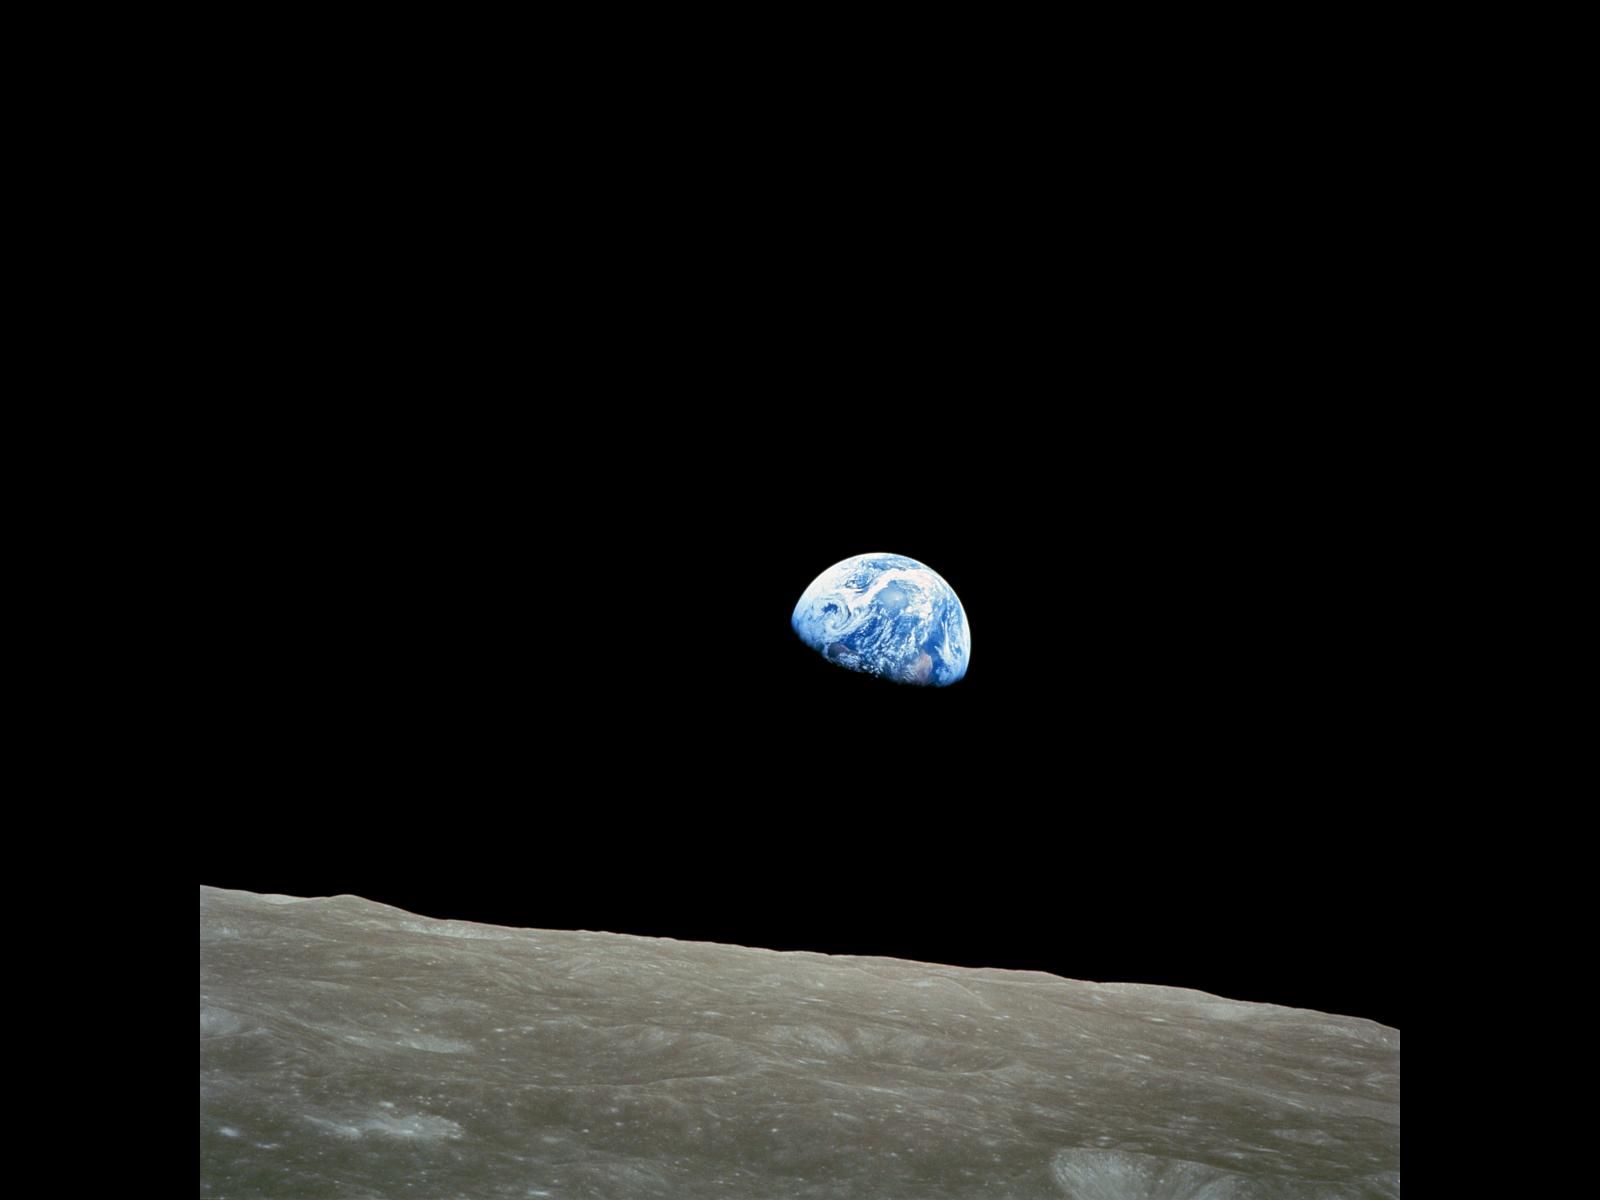 earthrise nasa - photo #32